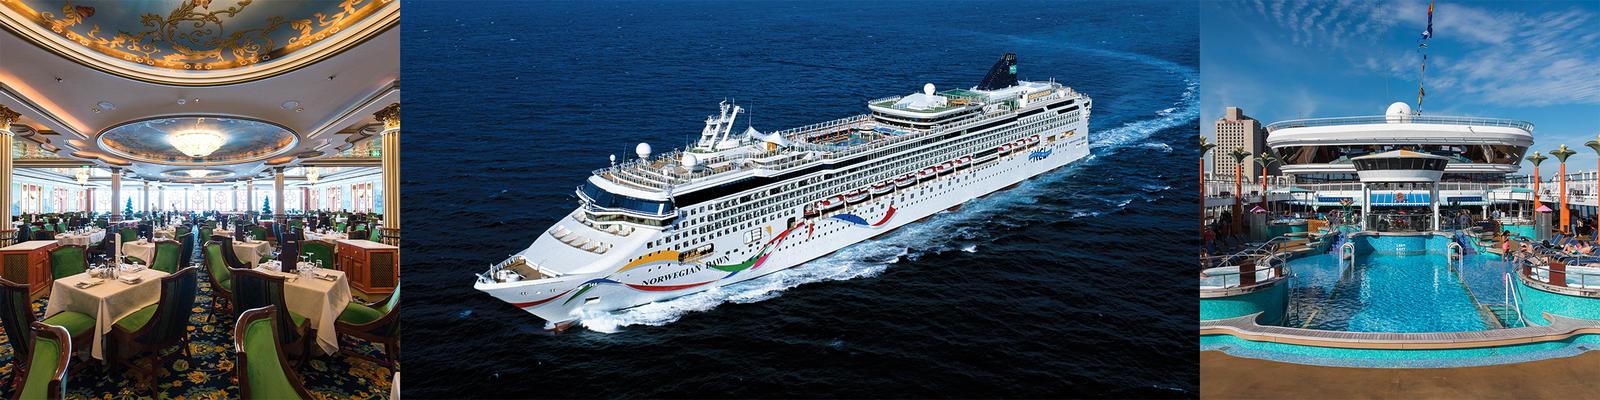 Norwegian Dawn Cruise Ship Review U0026 Photos On Cruise Critic